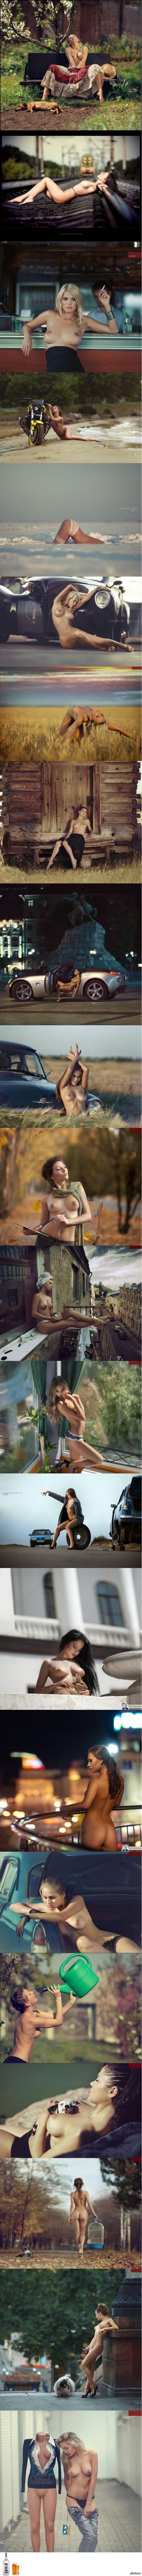 Часные еро фото украинок 16 фотография